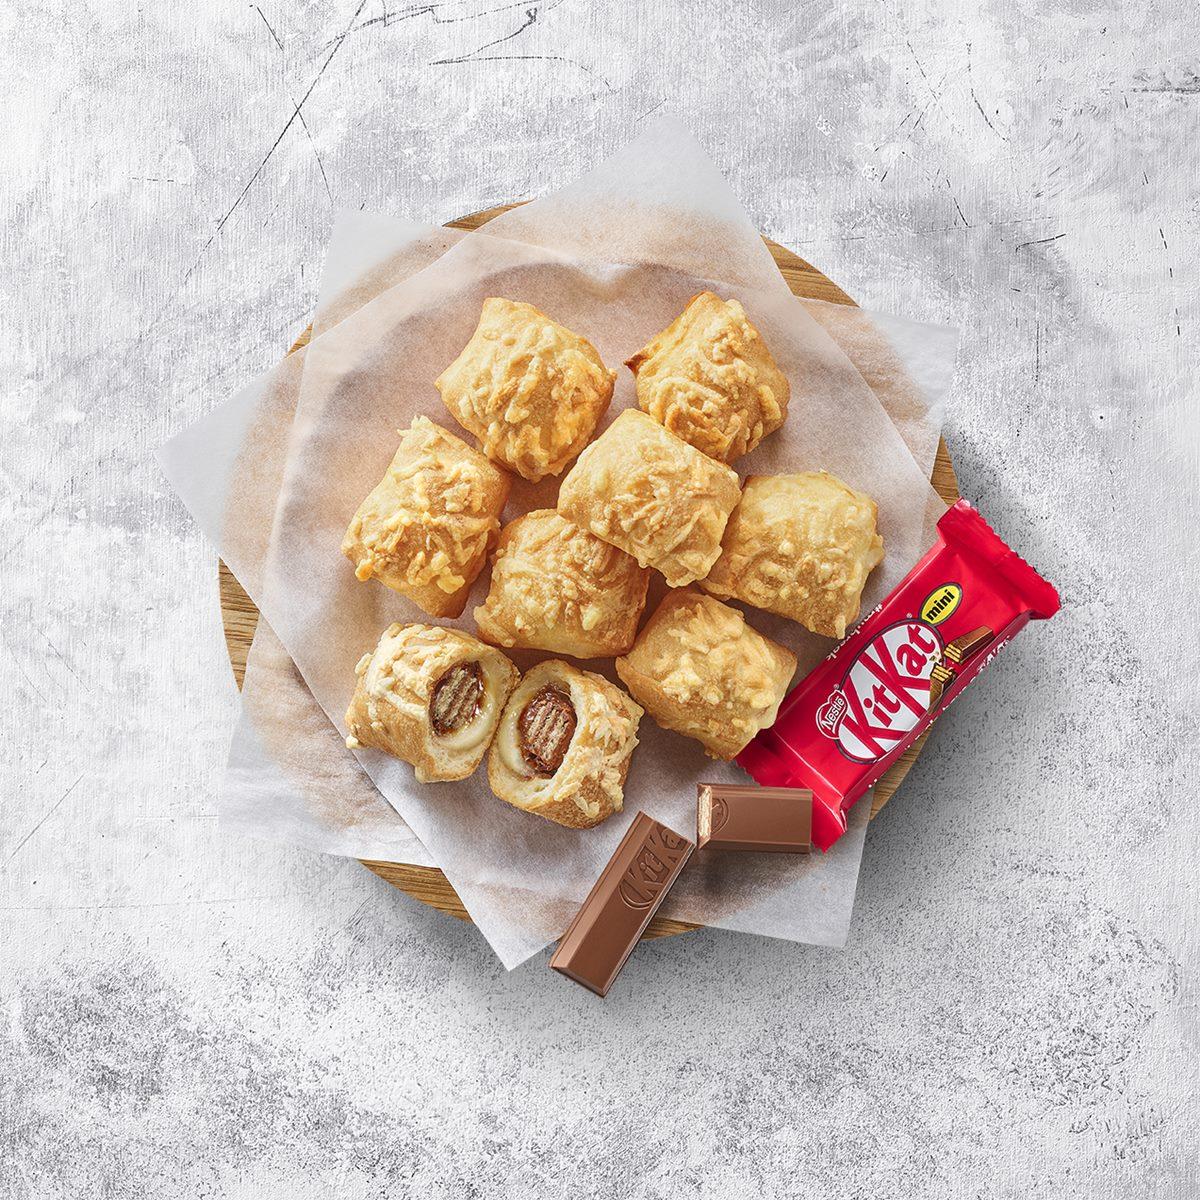 甜點控尖叫!必勝客芝心餅皮包進「整塊KitKat巧克力」,只要69元就能爽吃打卡